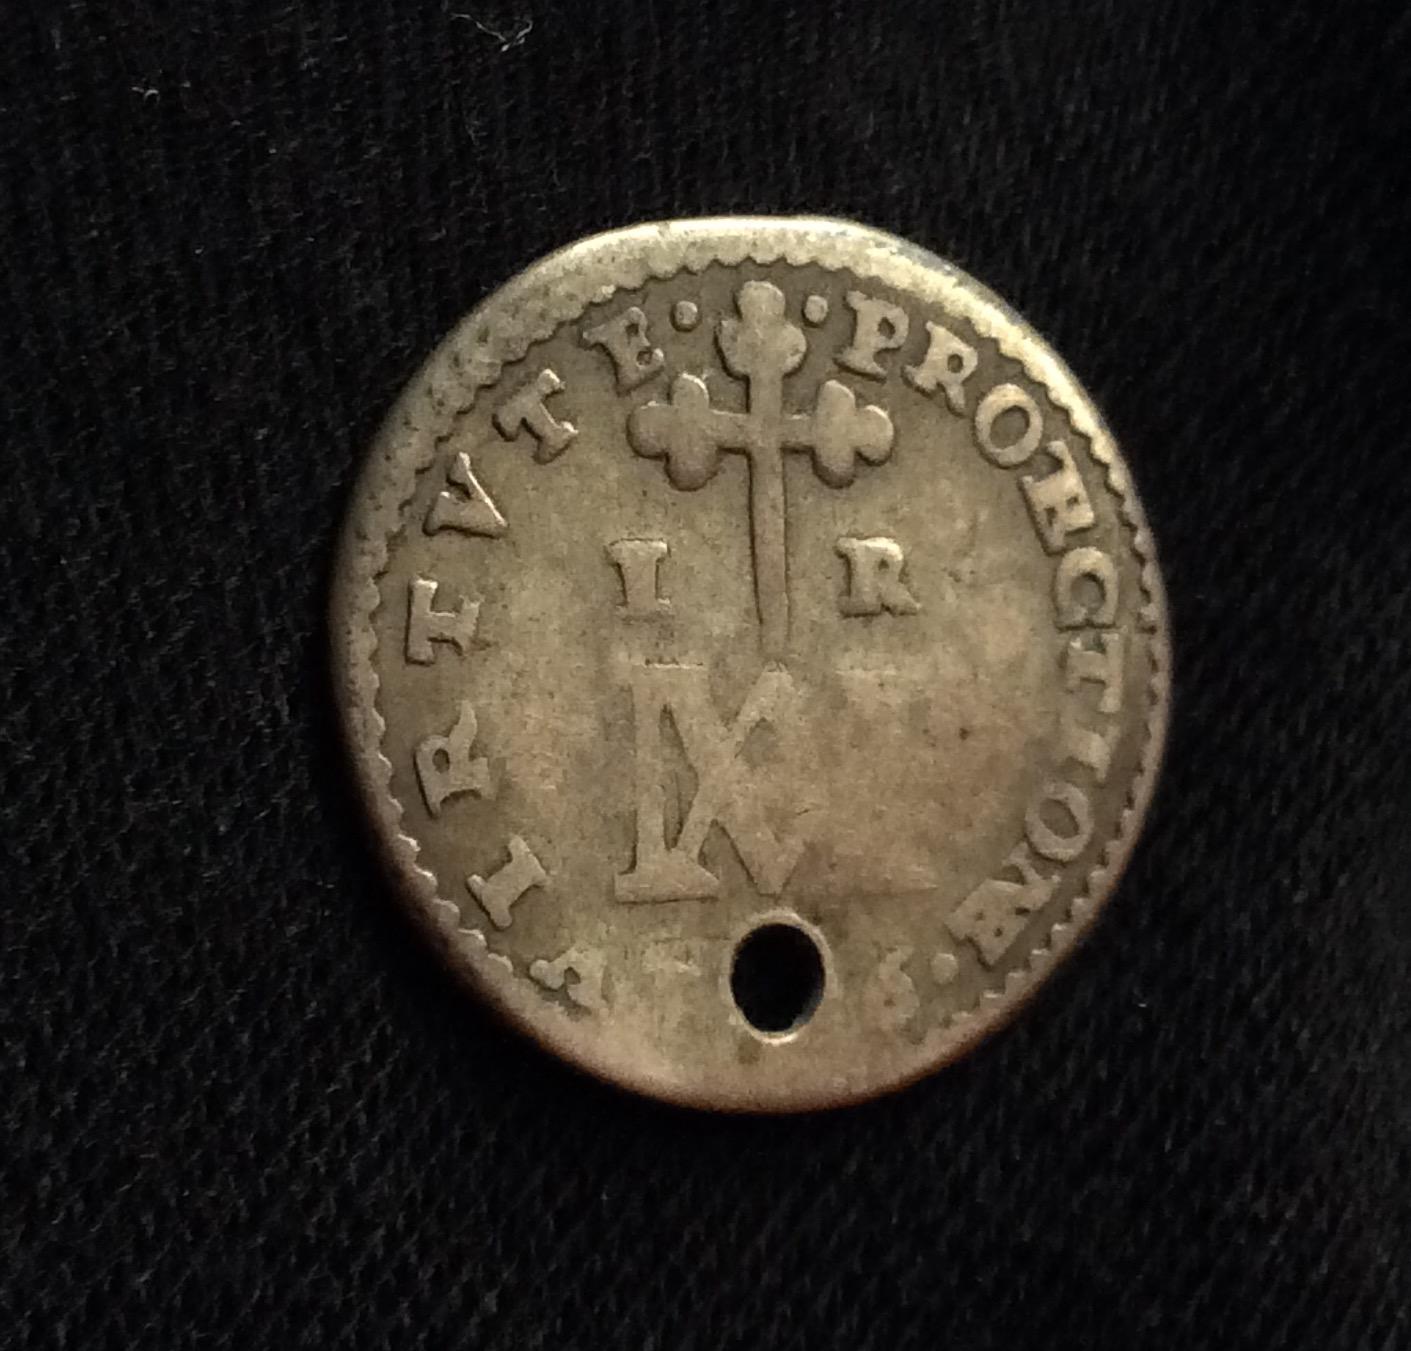 MUY ESCASO 1 REAL 1686 - CARLOS II - TIPO MARÍA - SEGOVIA